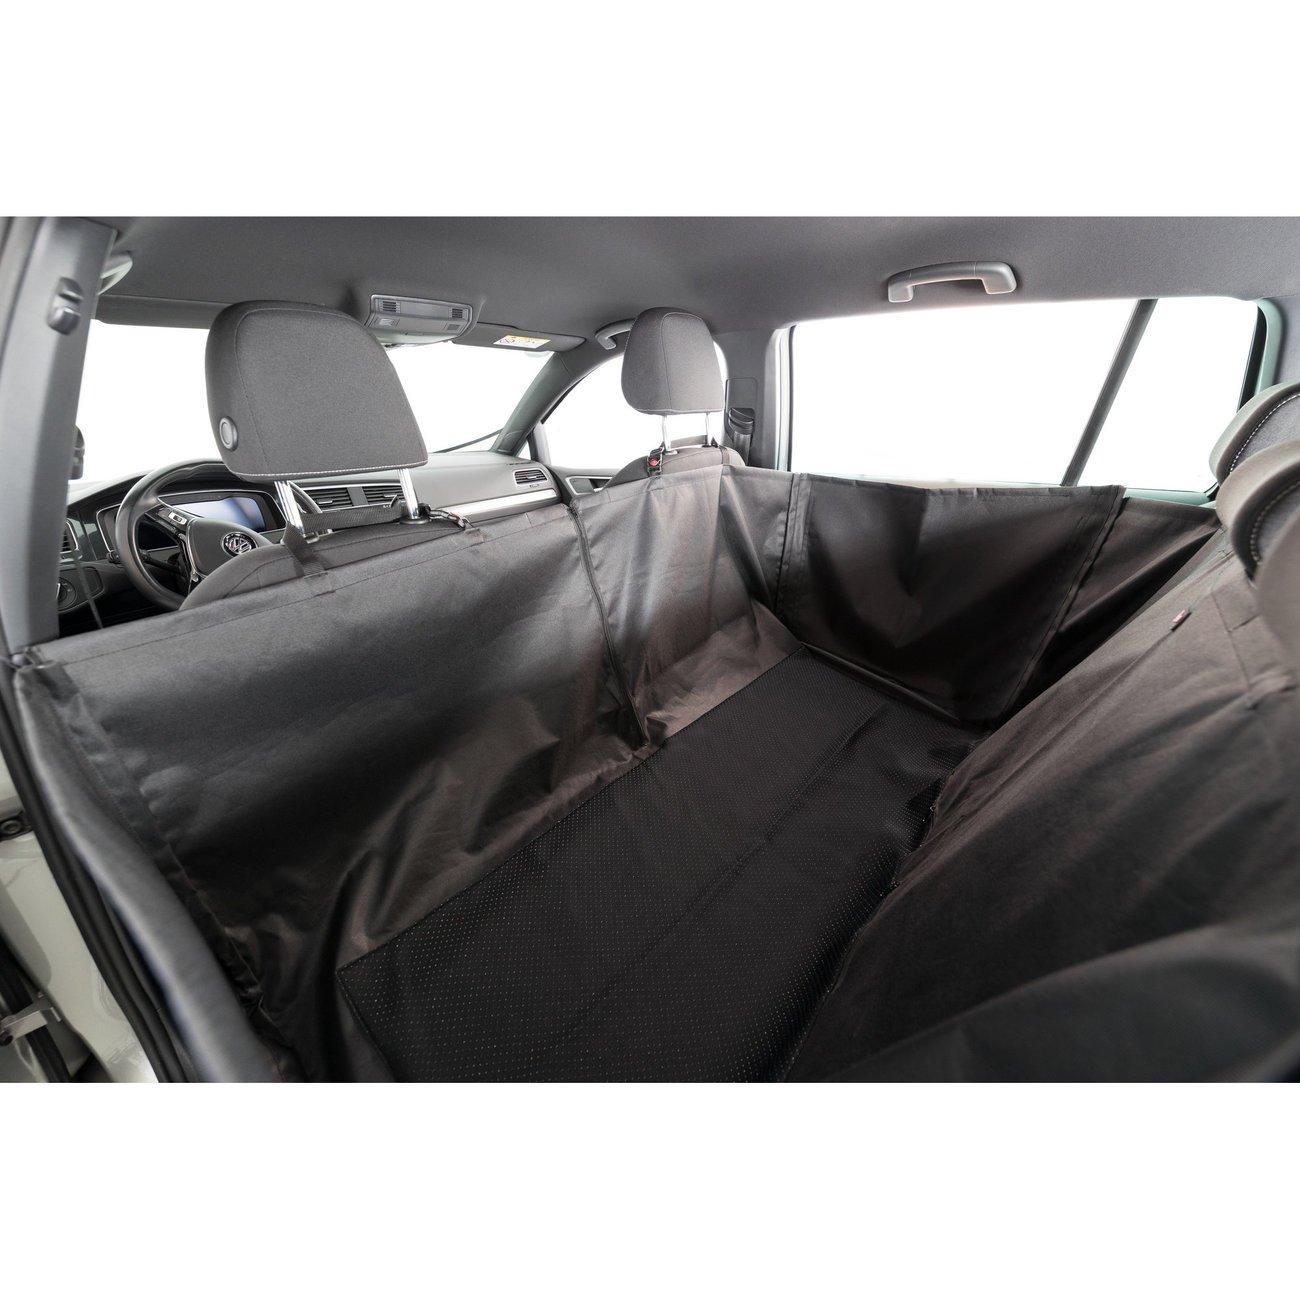 TRIXIE Auto Hundedecke mit Seitenteilen für Rücksitz 1348, Bild 18